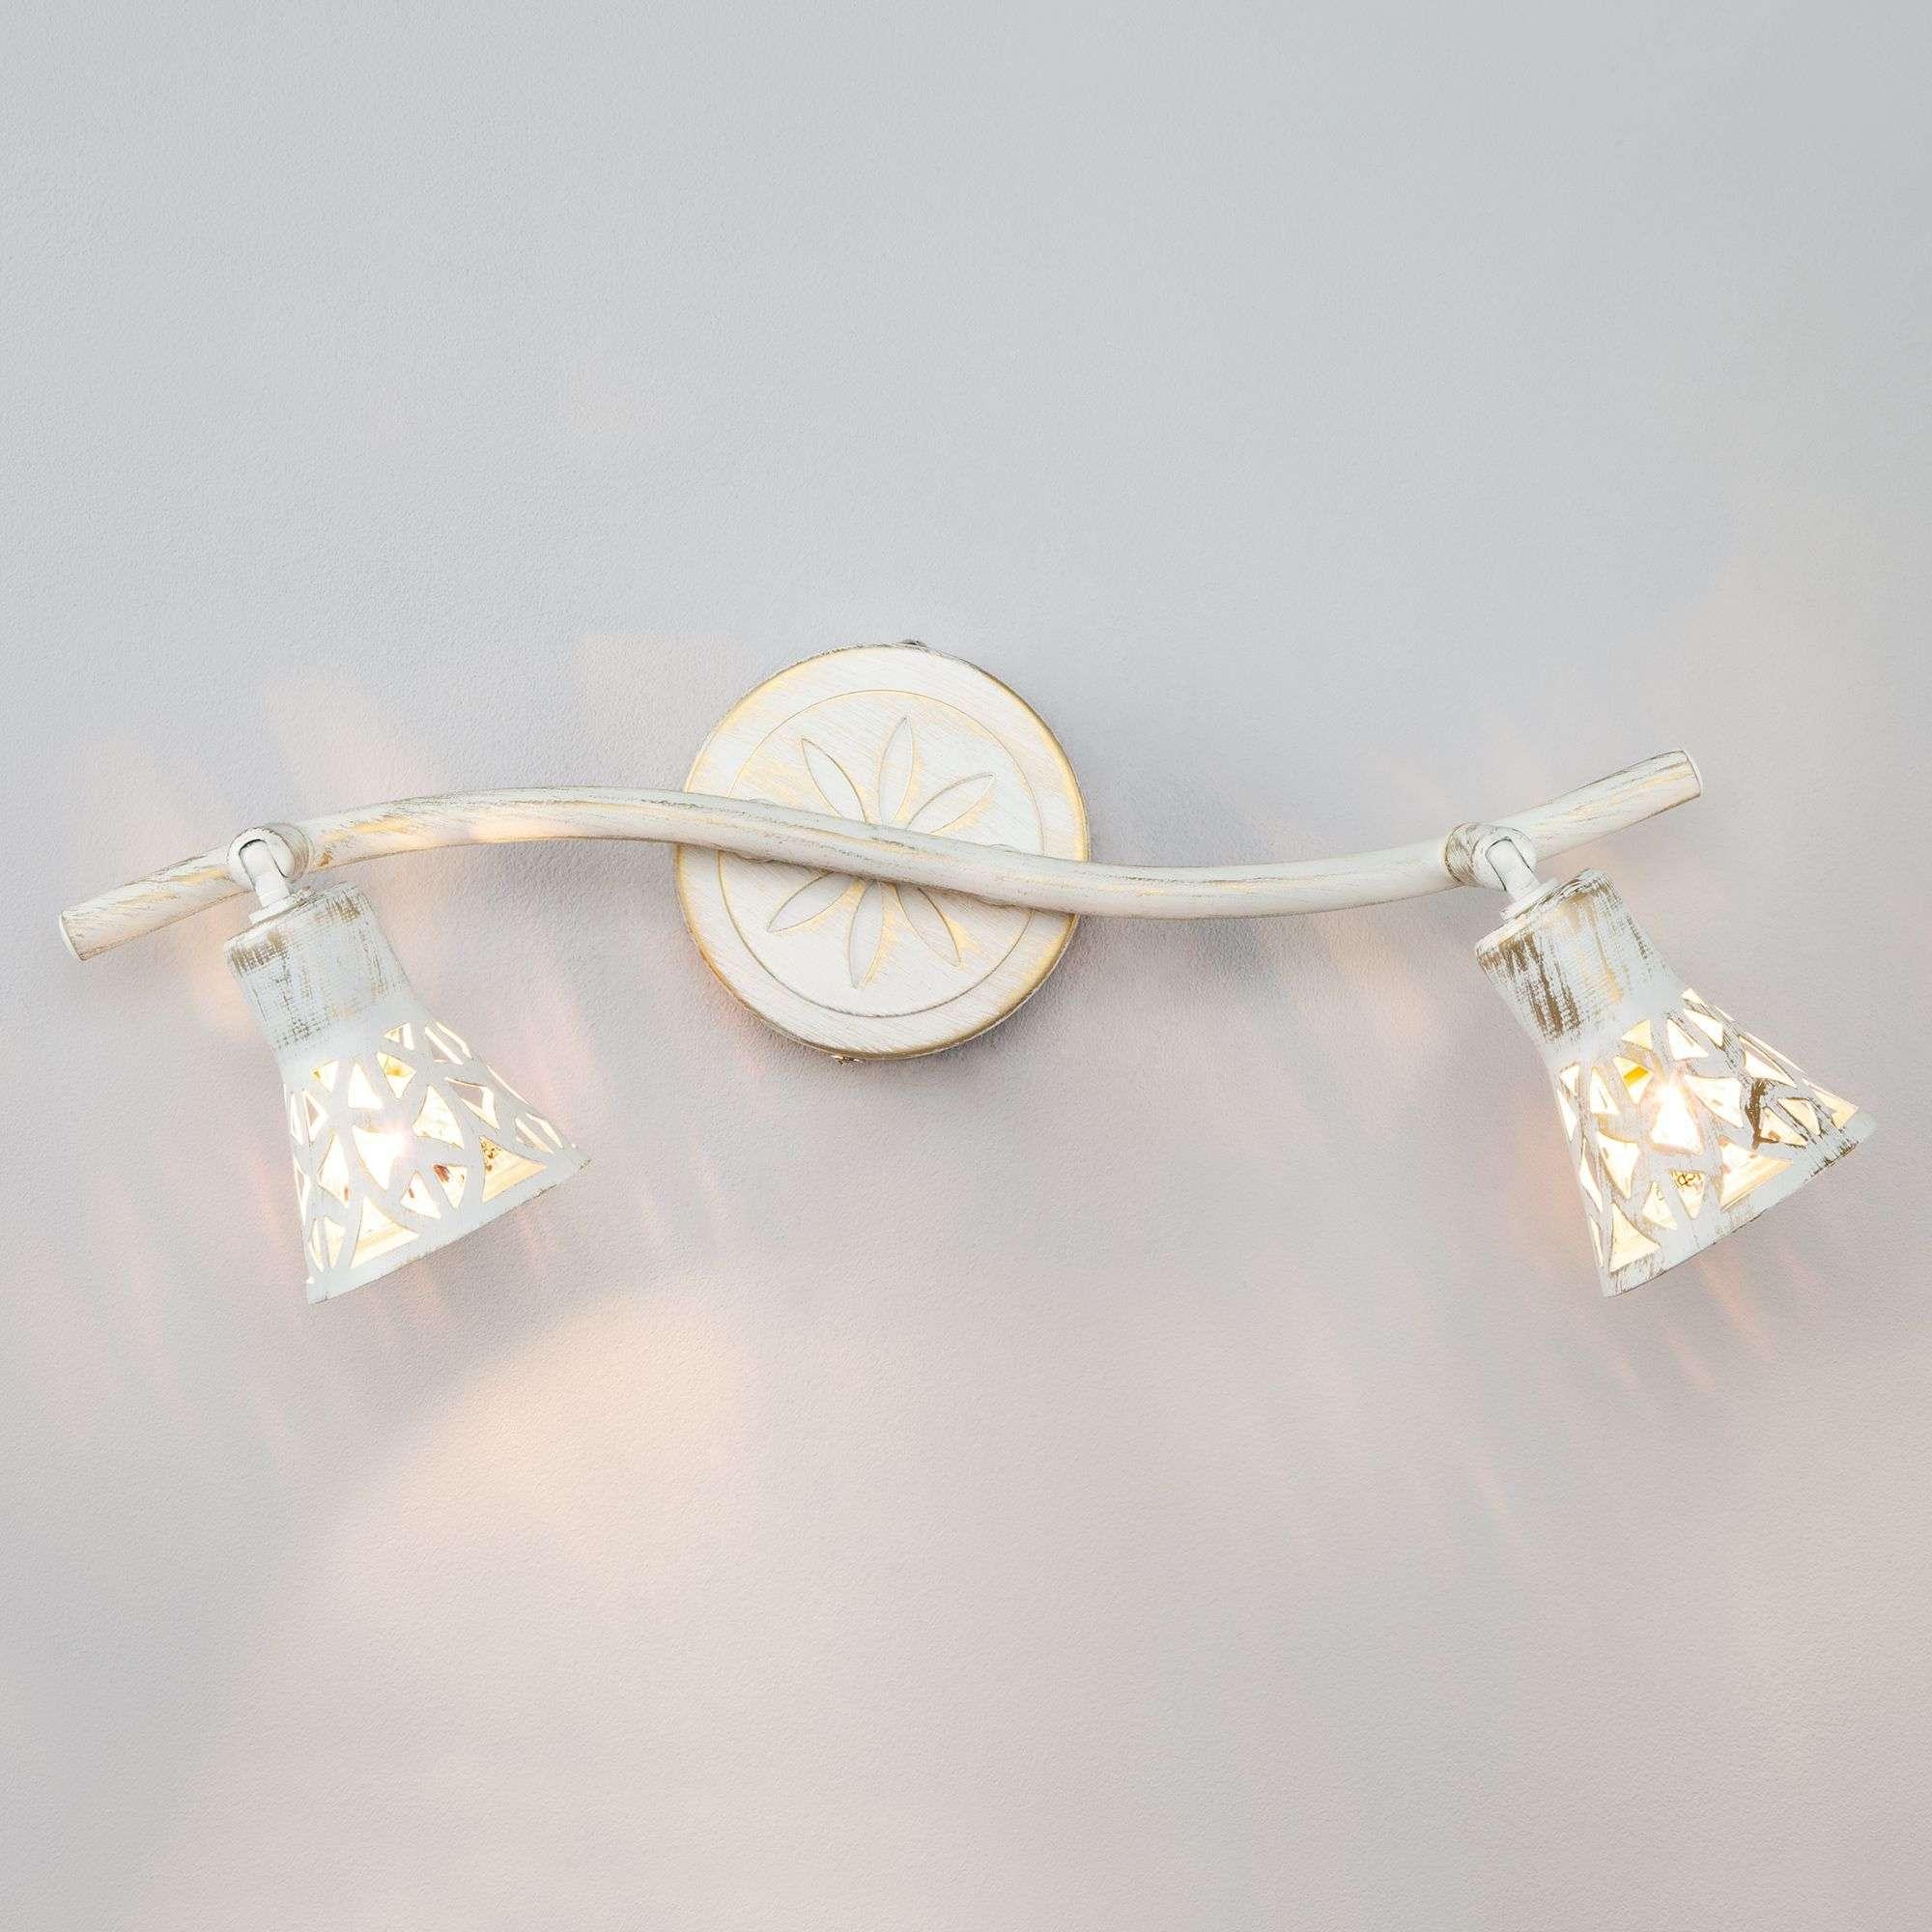 Светильник-спот с поворотными плафонами 20027/2 белый с золотом